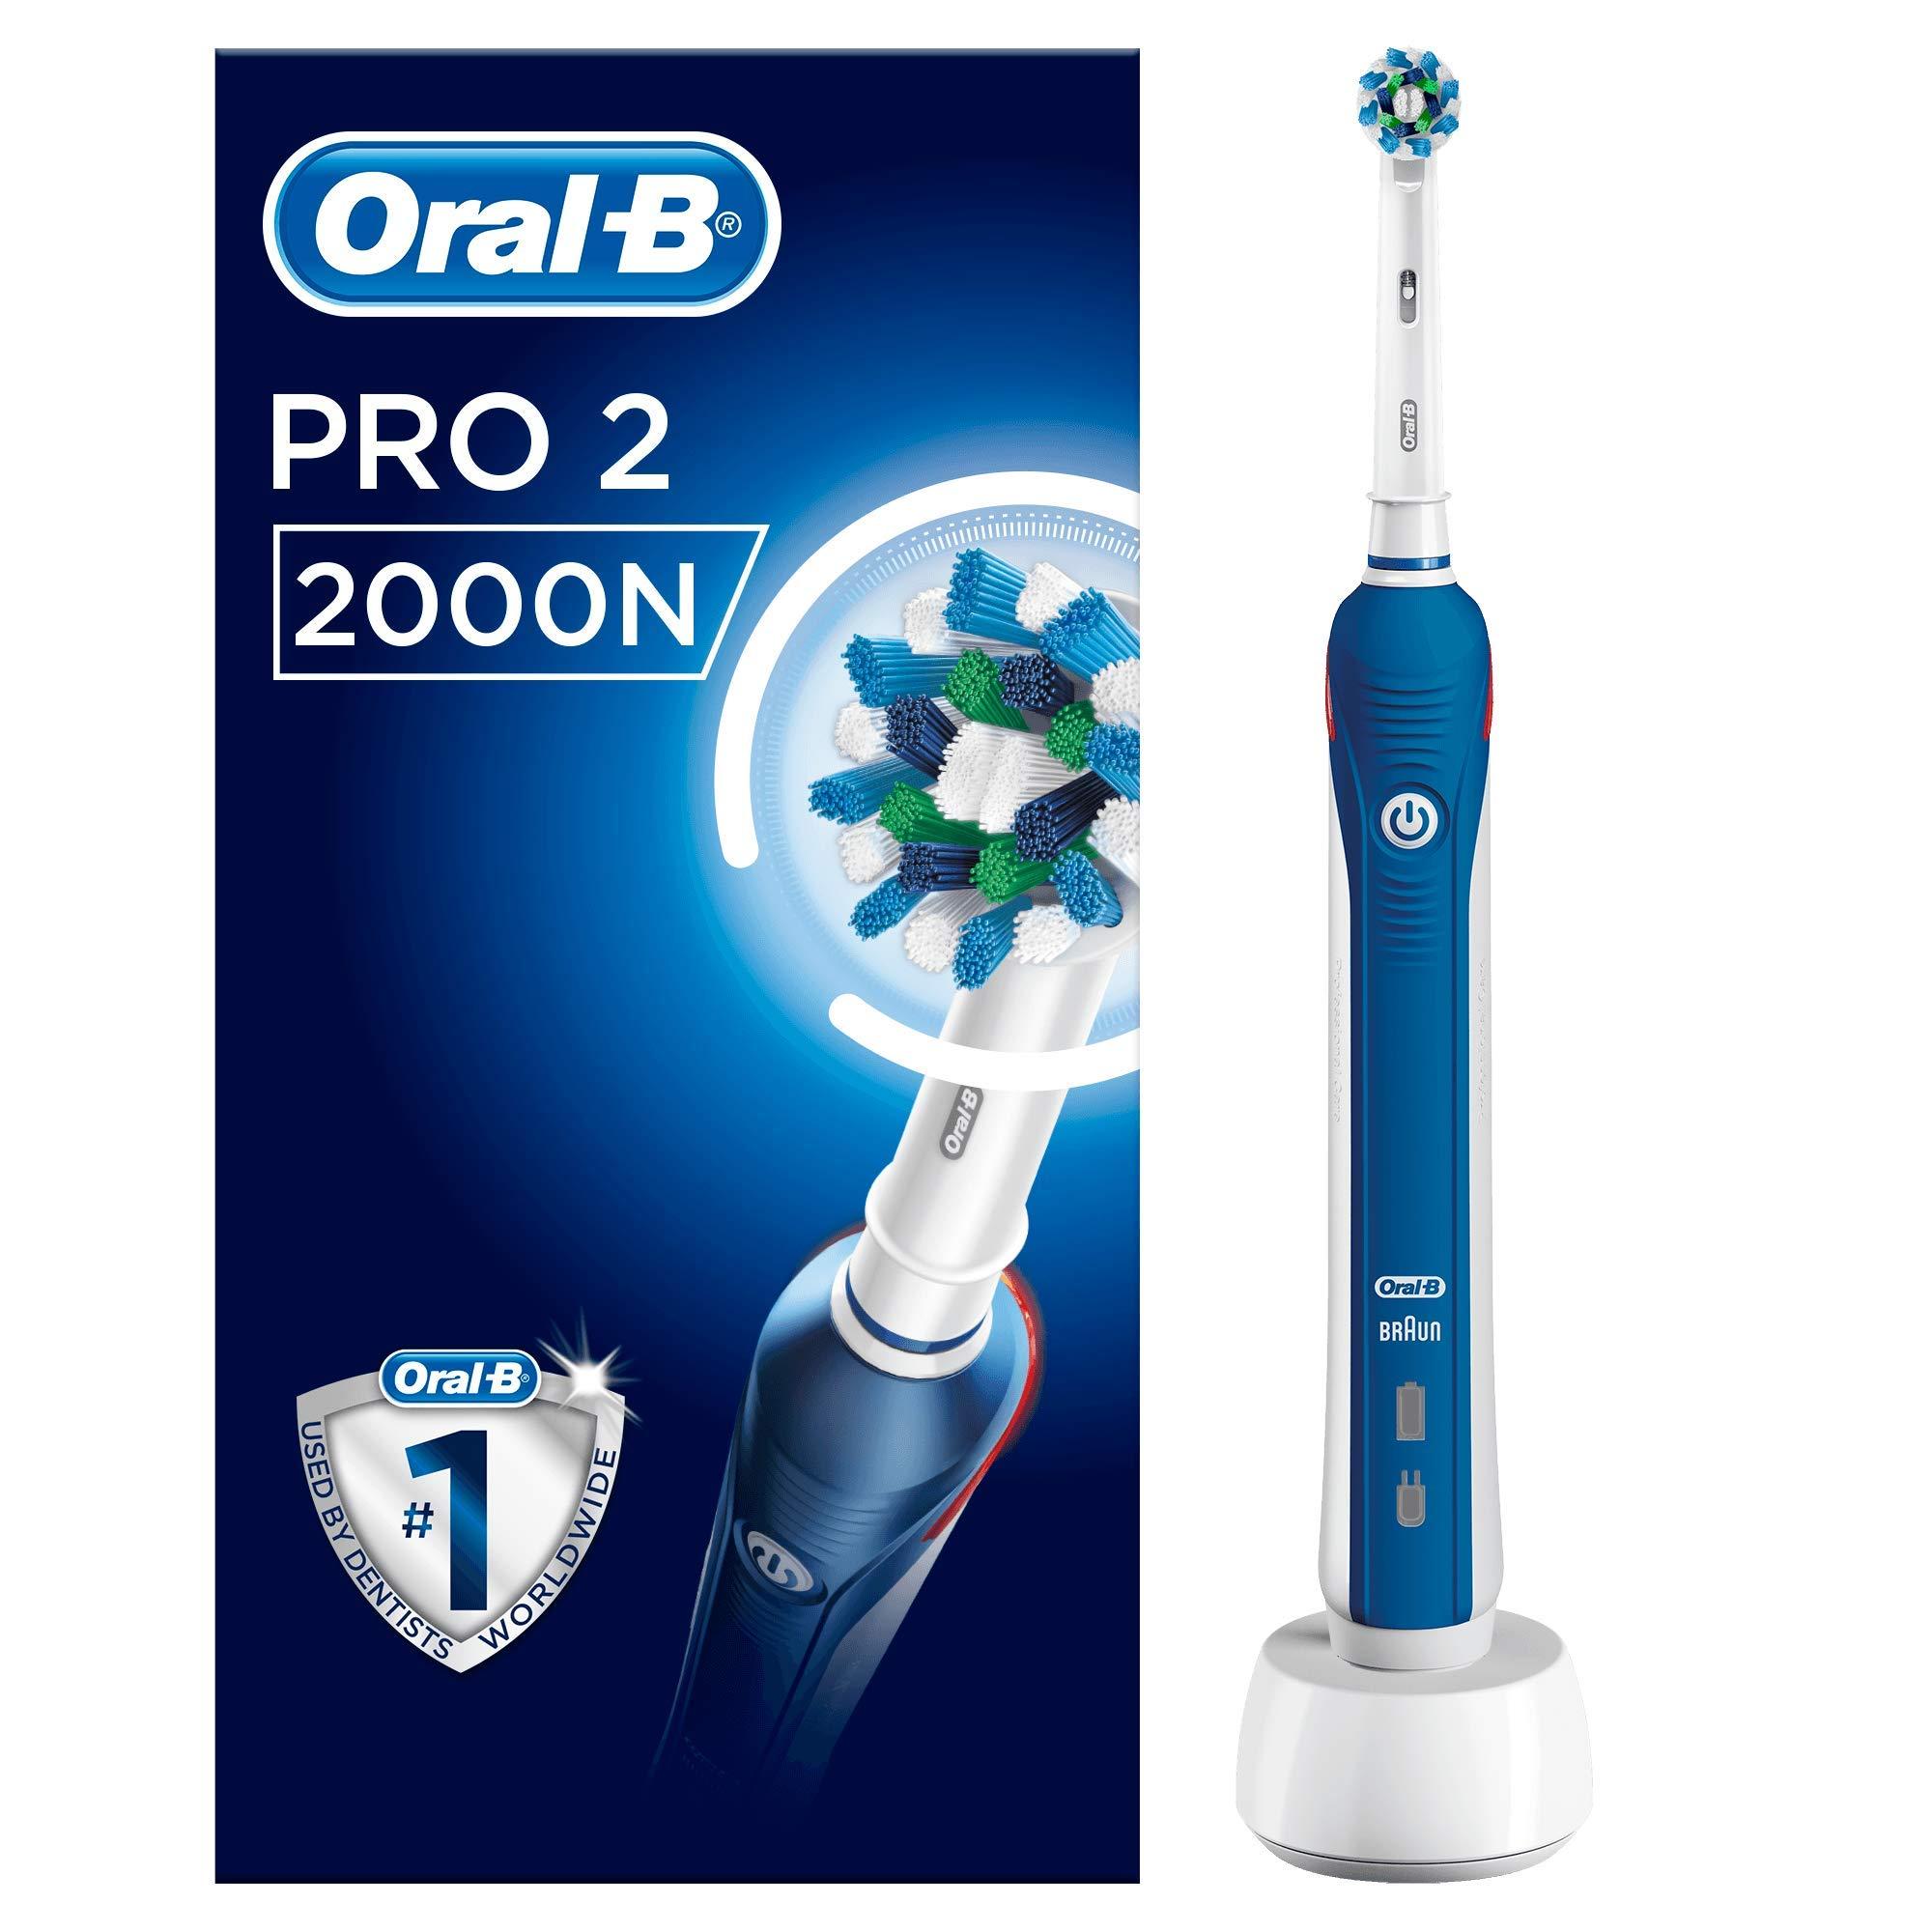 Oral-B PRO2000N